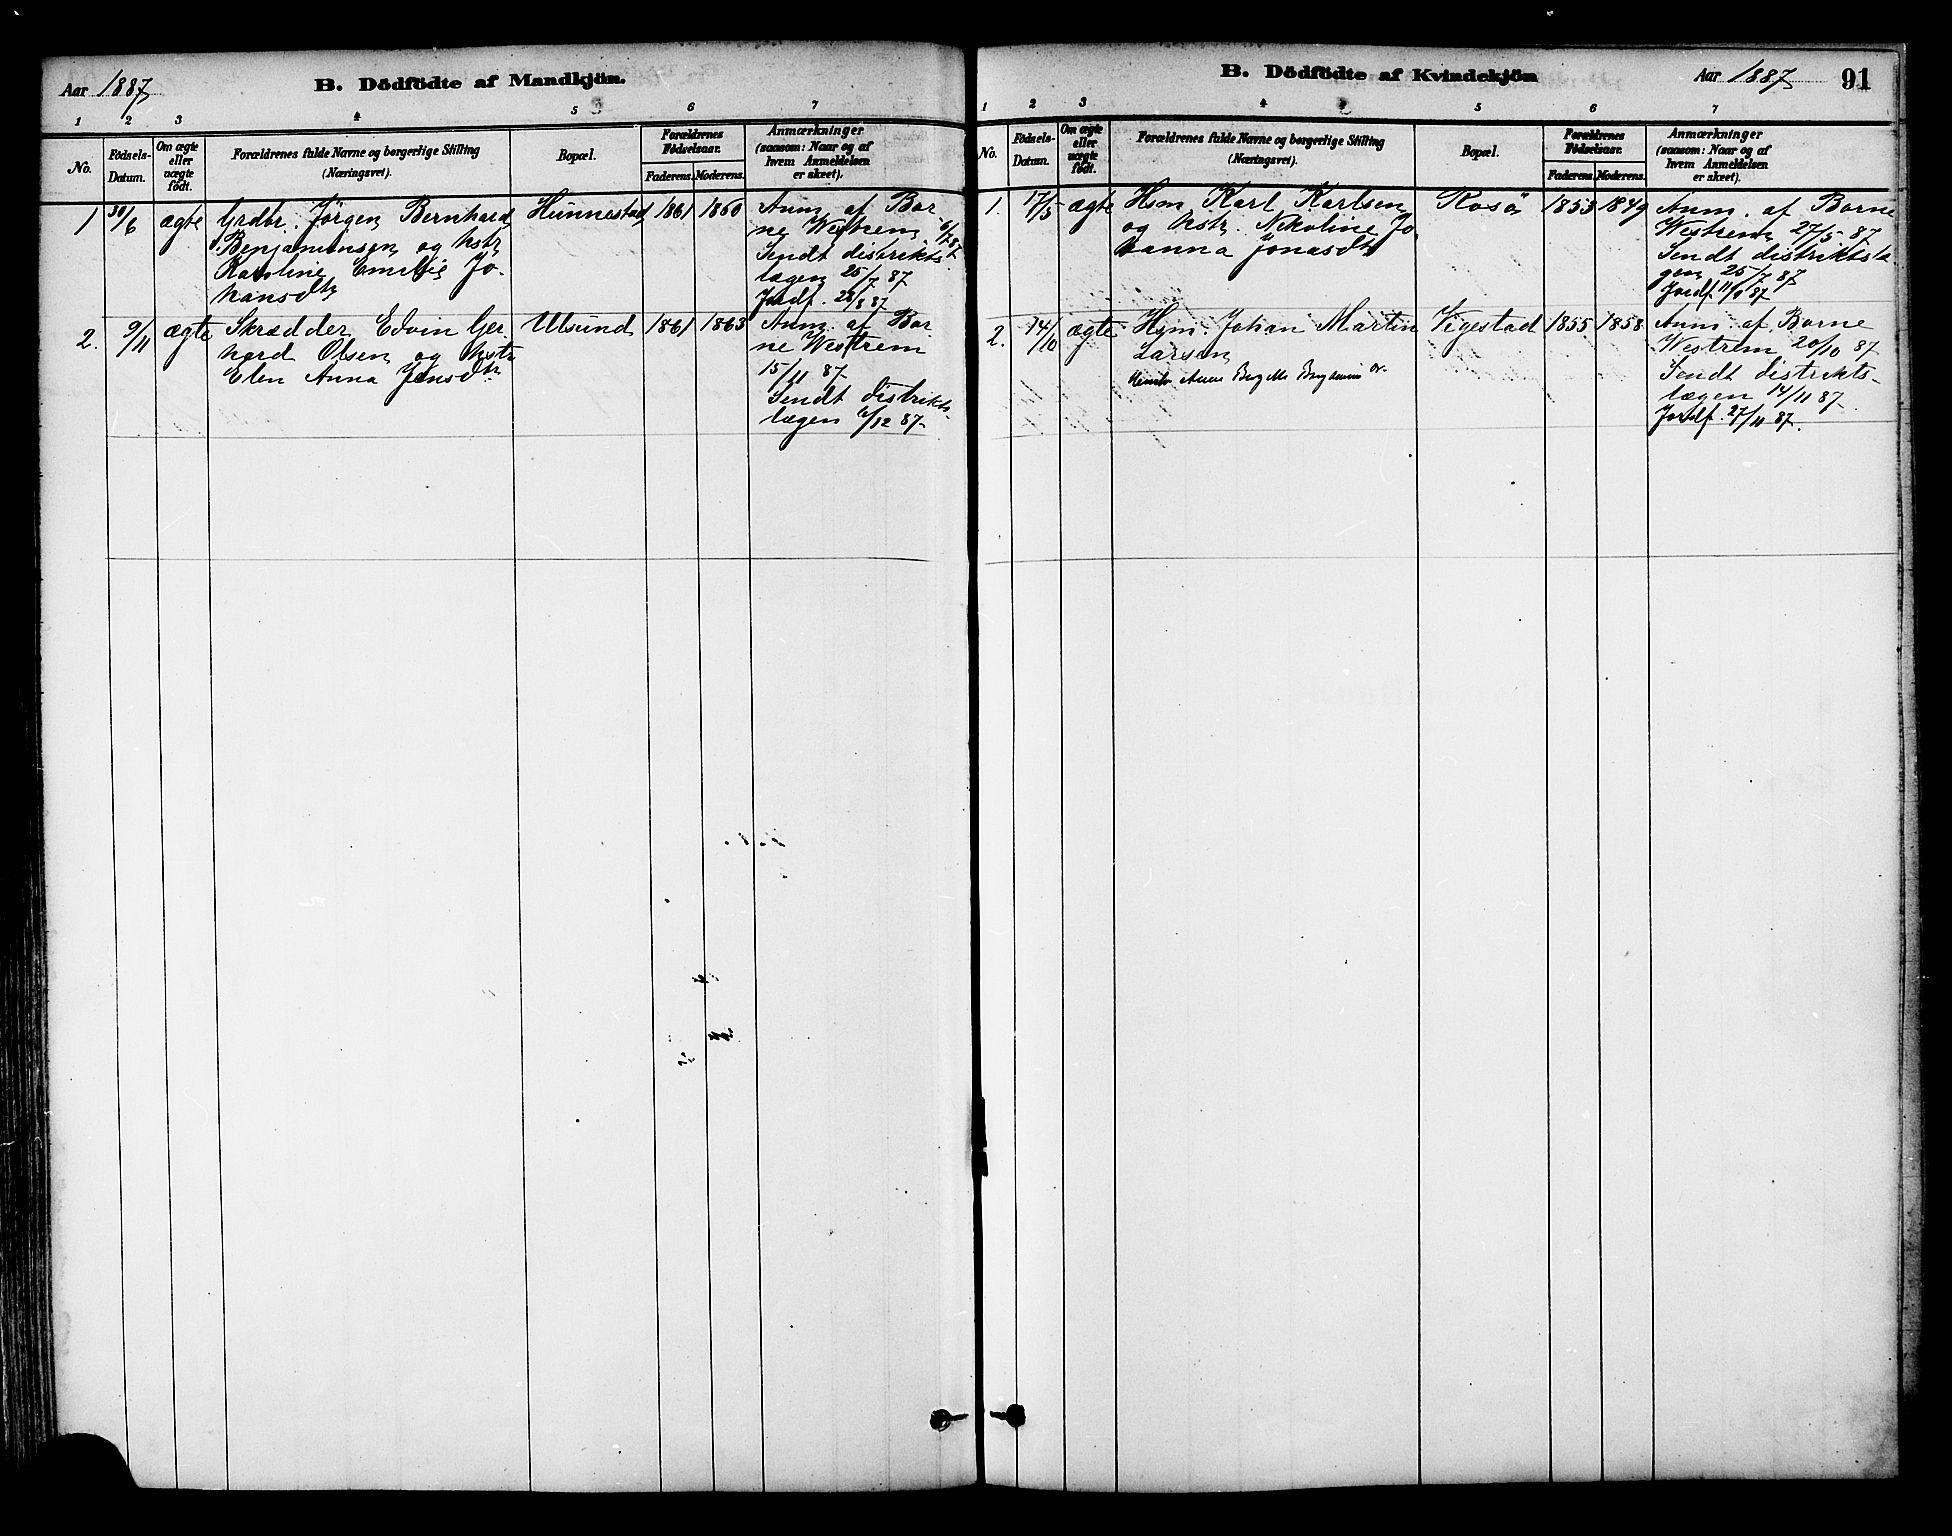 SAT, Ministerialprotokoller, klokkerbøker og fødselsregistre - Nord-Trøndelag, 786/L0686: Ministerialbok nr. 786A02, 1880-1887, s. 91